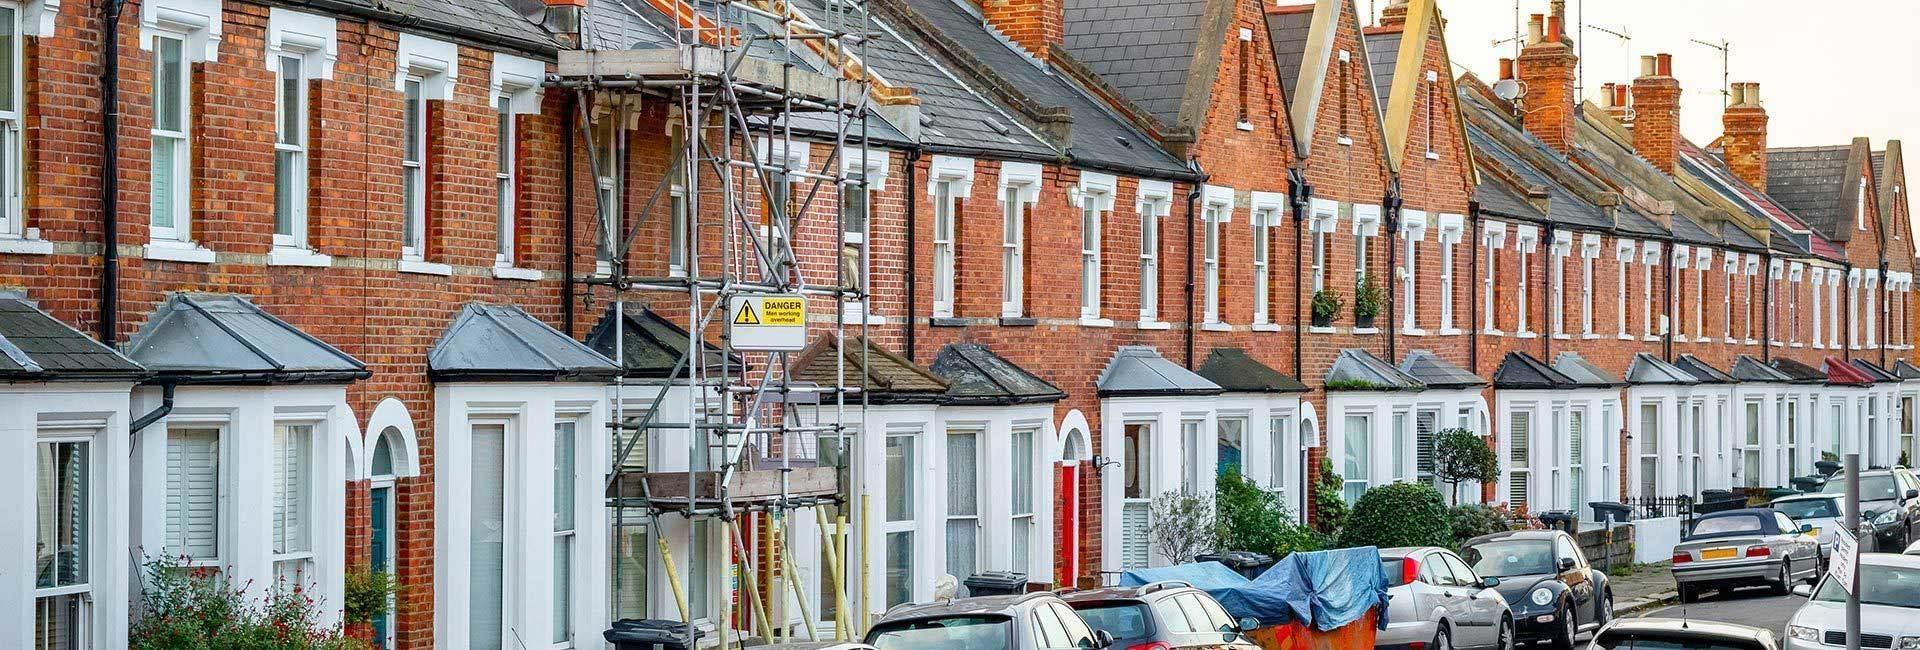 Brixton Property Maintenance